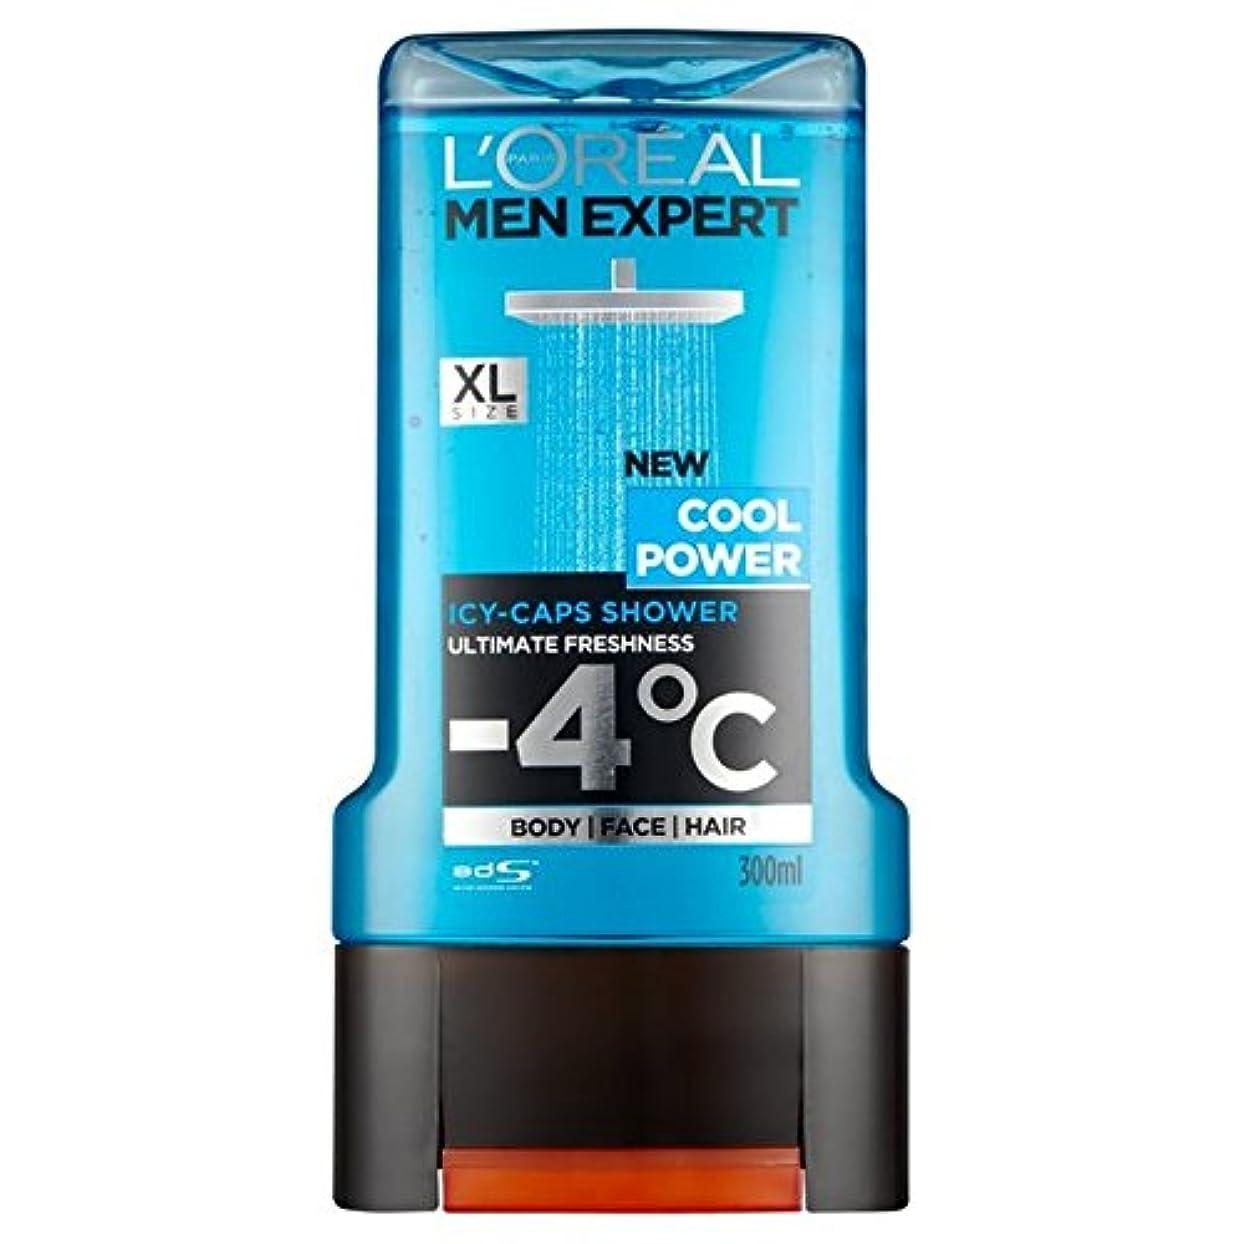 うまくいけば誰摂氏ロレアルパリの男性の専門家のクールなパワーシャワージェル300ミリリットル x4 - L'Oreal Paris Men Expert Cool Power Shower Gel 300ml (Pack of 4) [並行輸入品]